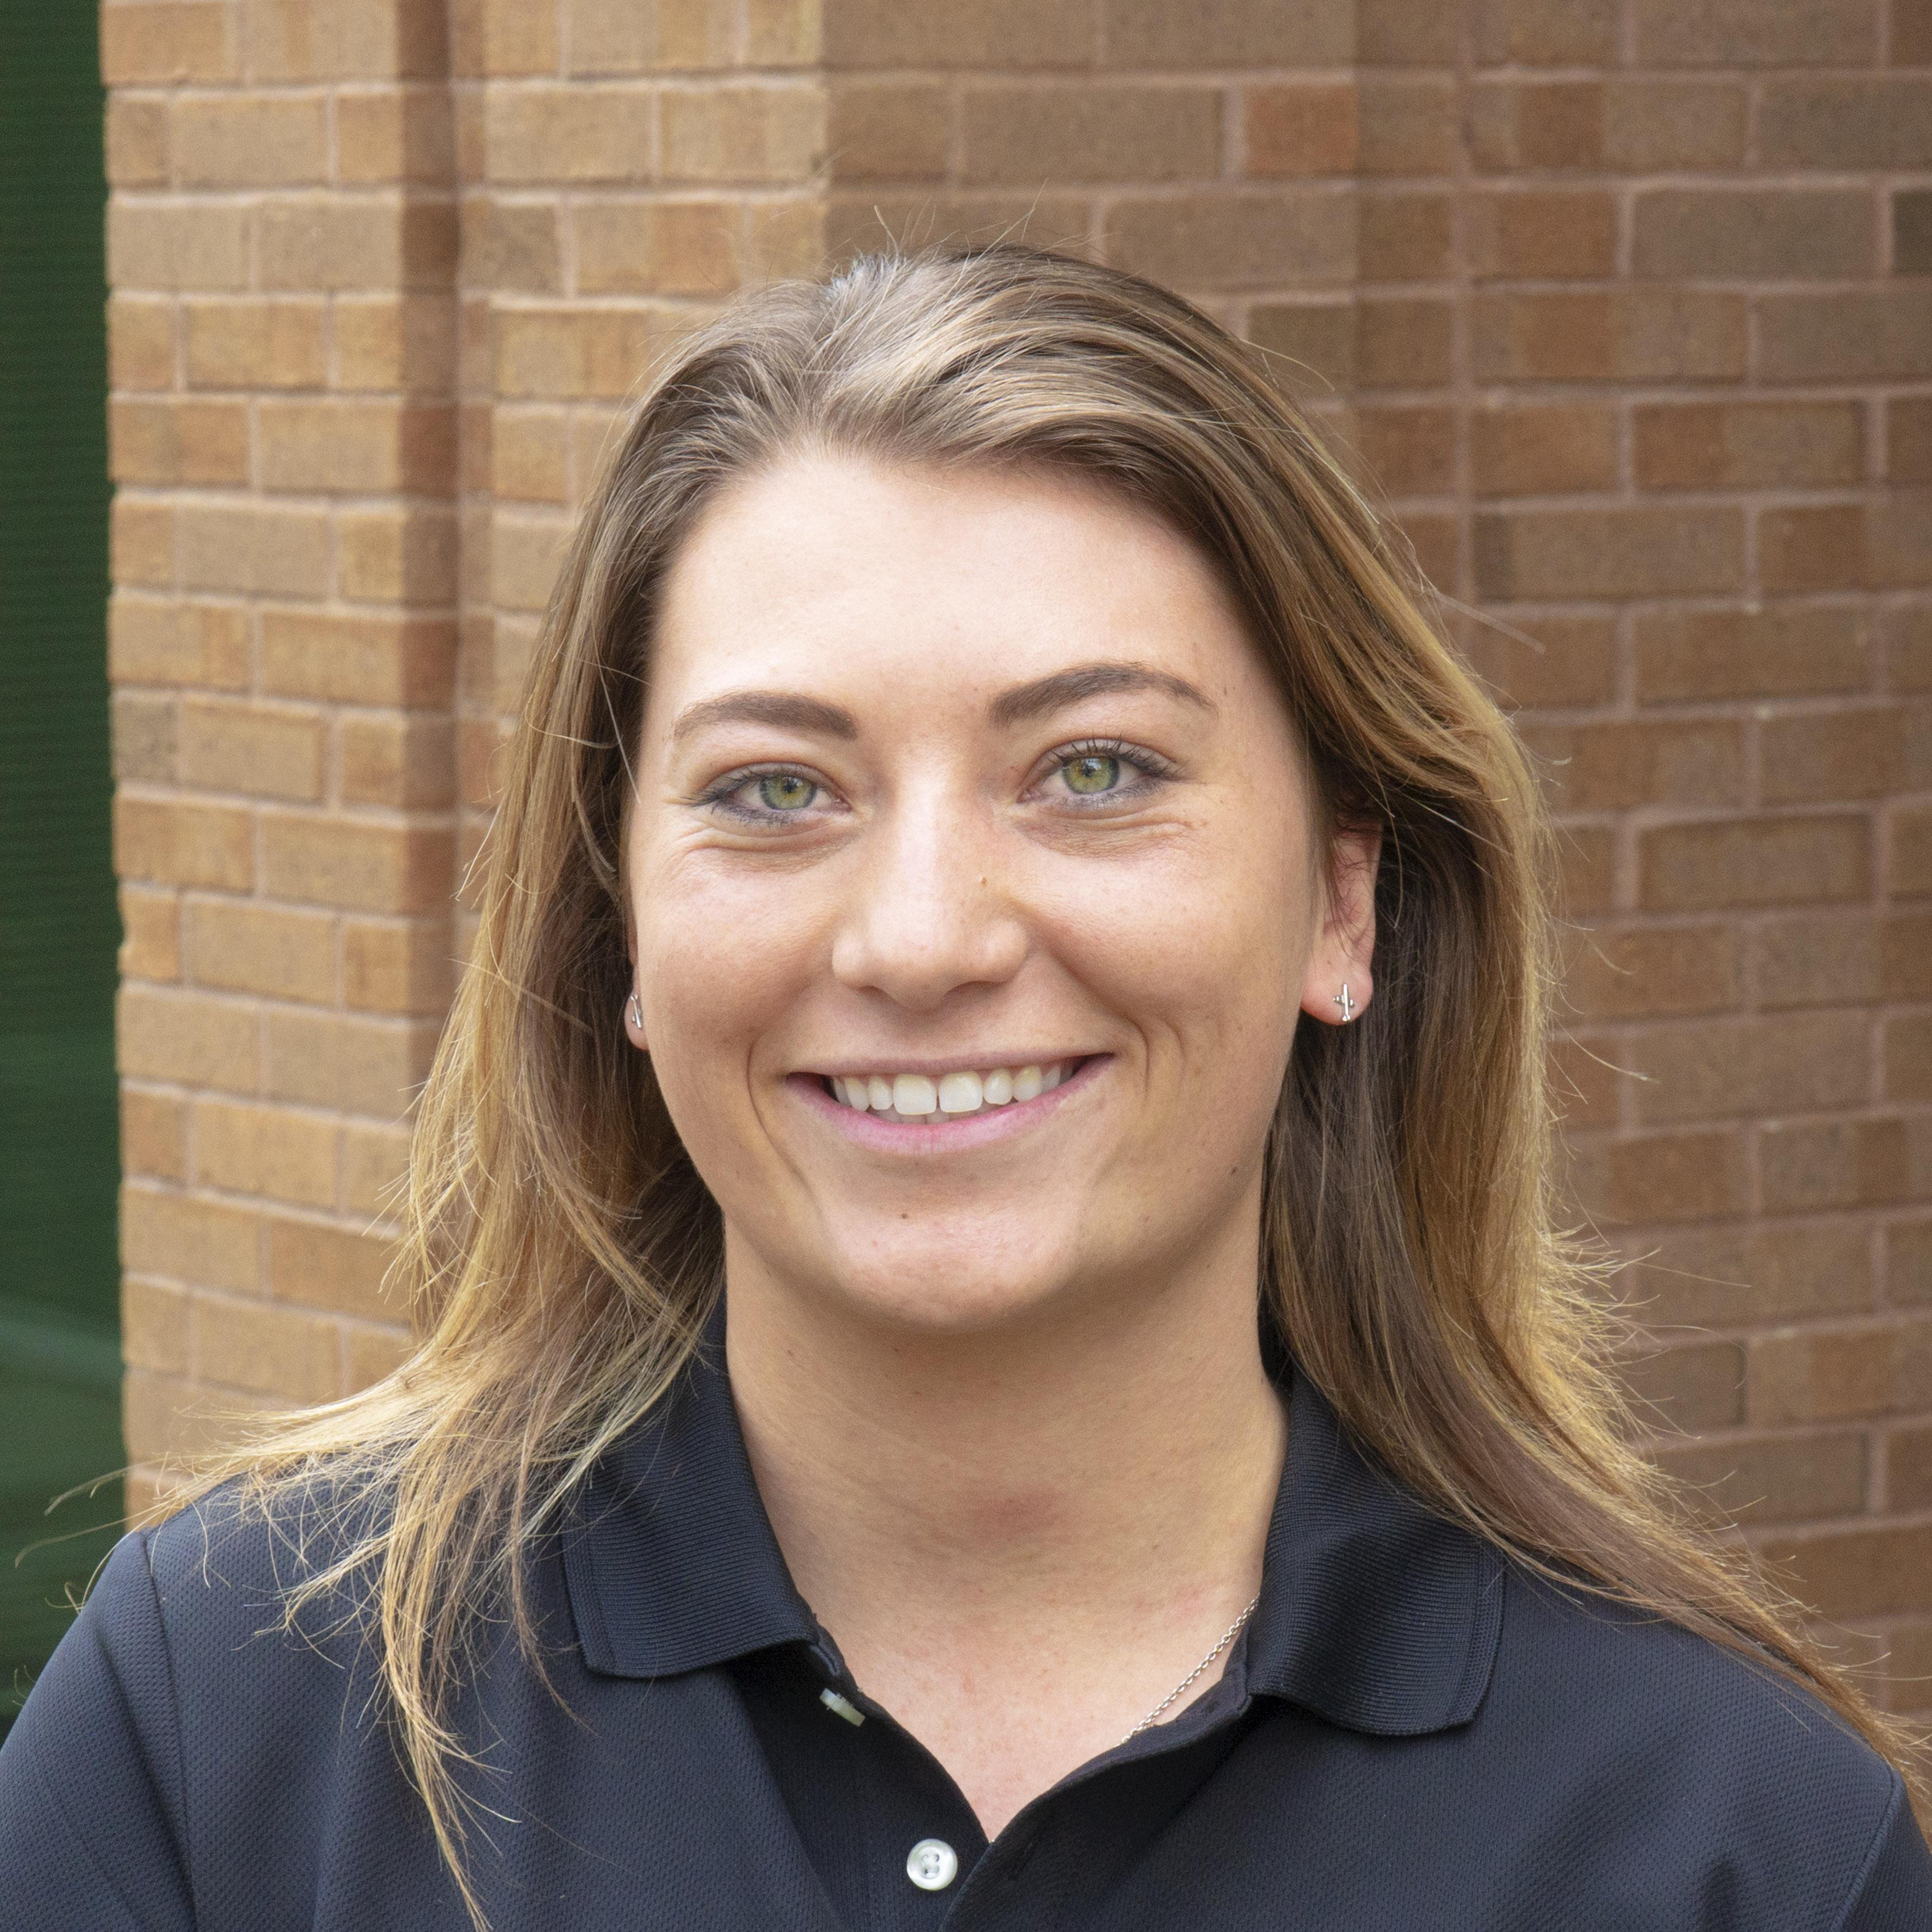 Rachel Pring